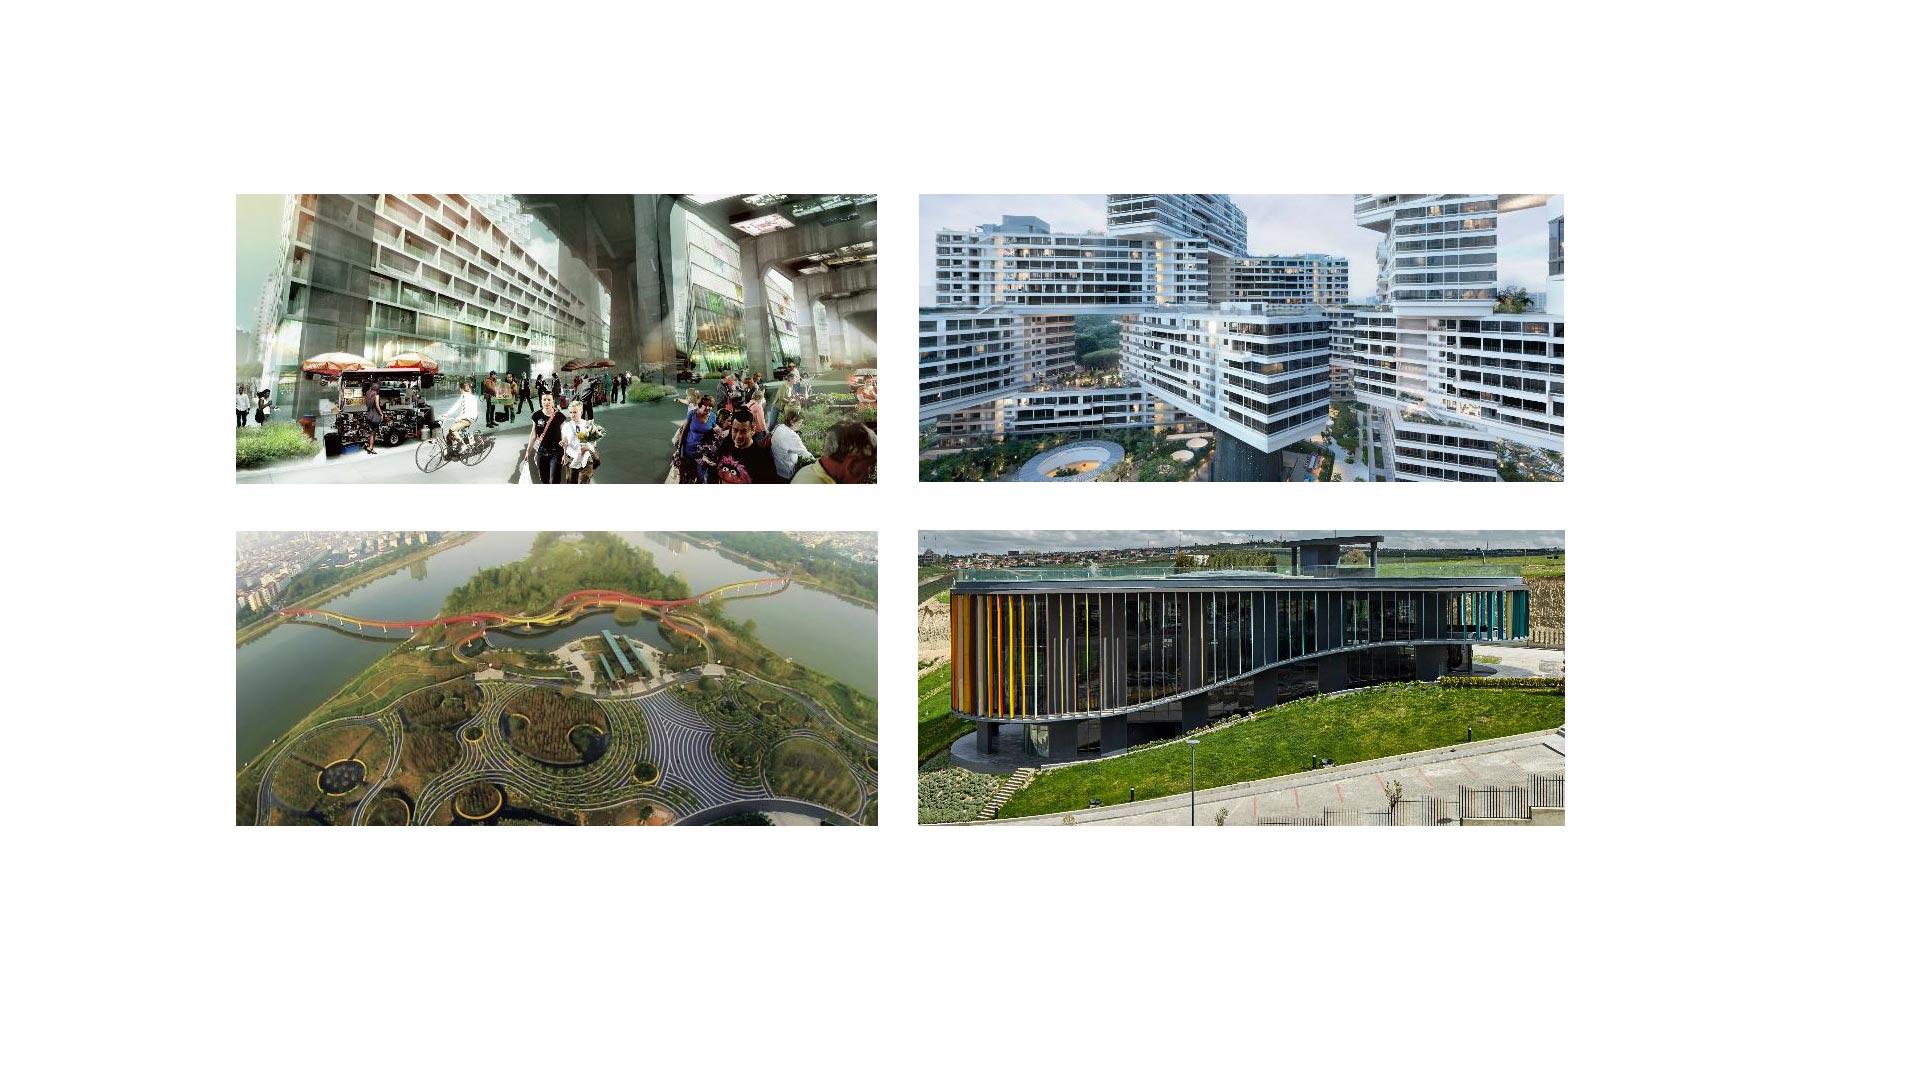 Mas de 2 mil arquitectos y diseñadores se reunieron durante 3 días en el Festival Mundial de Arquitectura